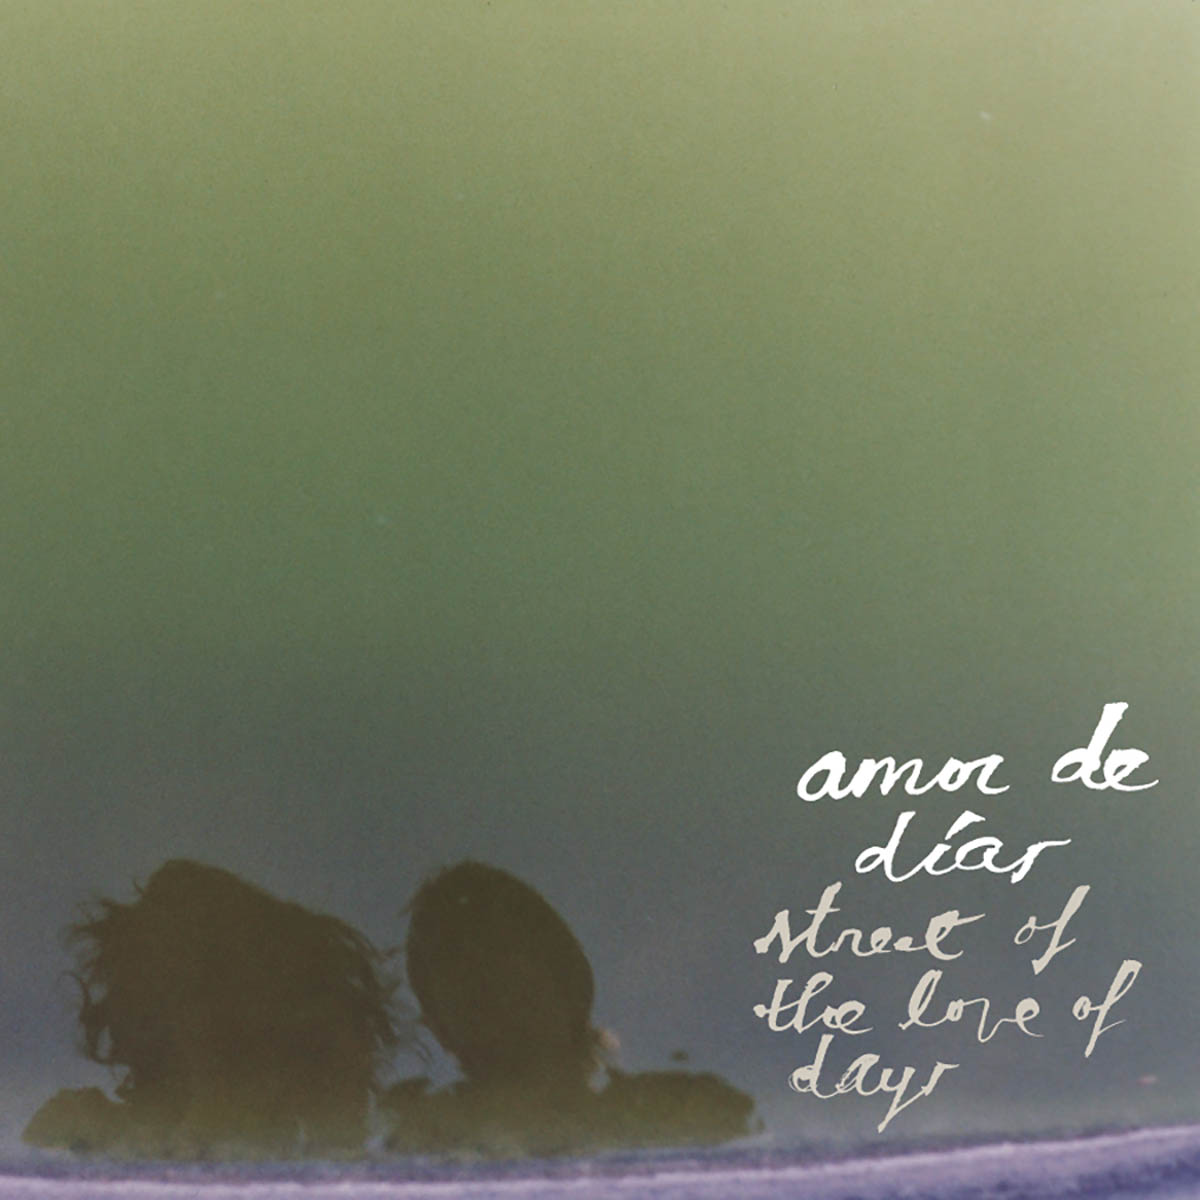 Amor de Dias, Street of the Love of Days